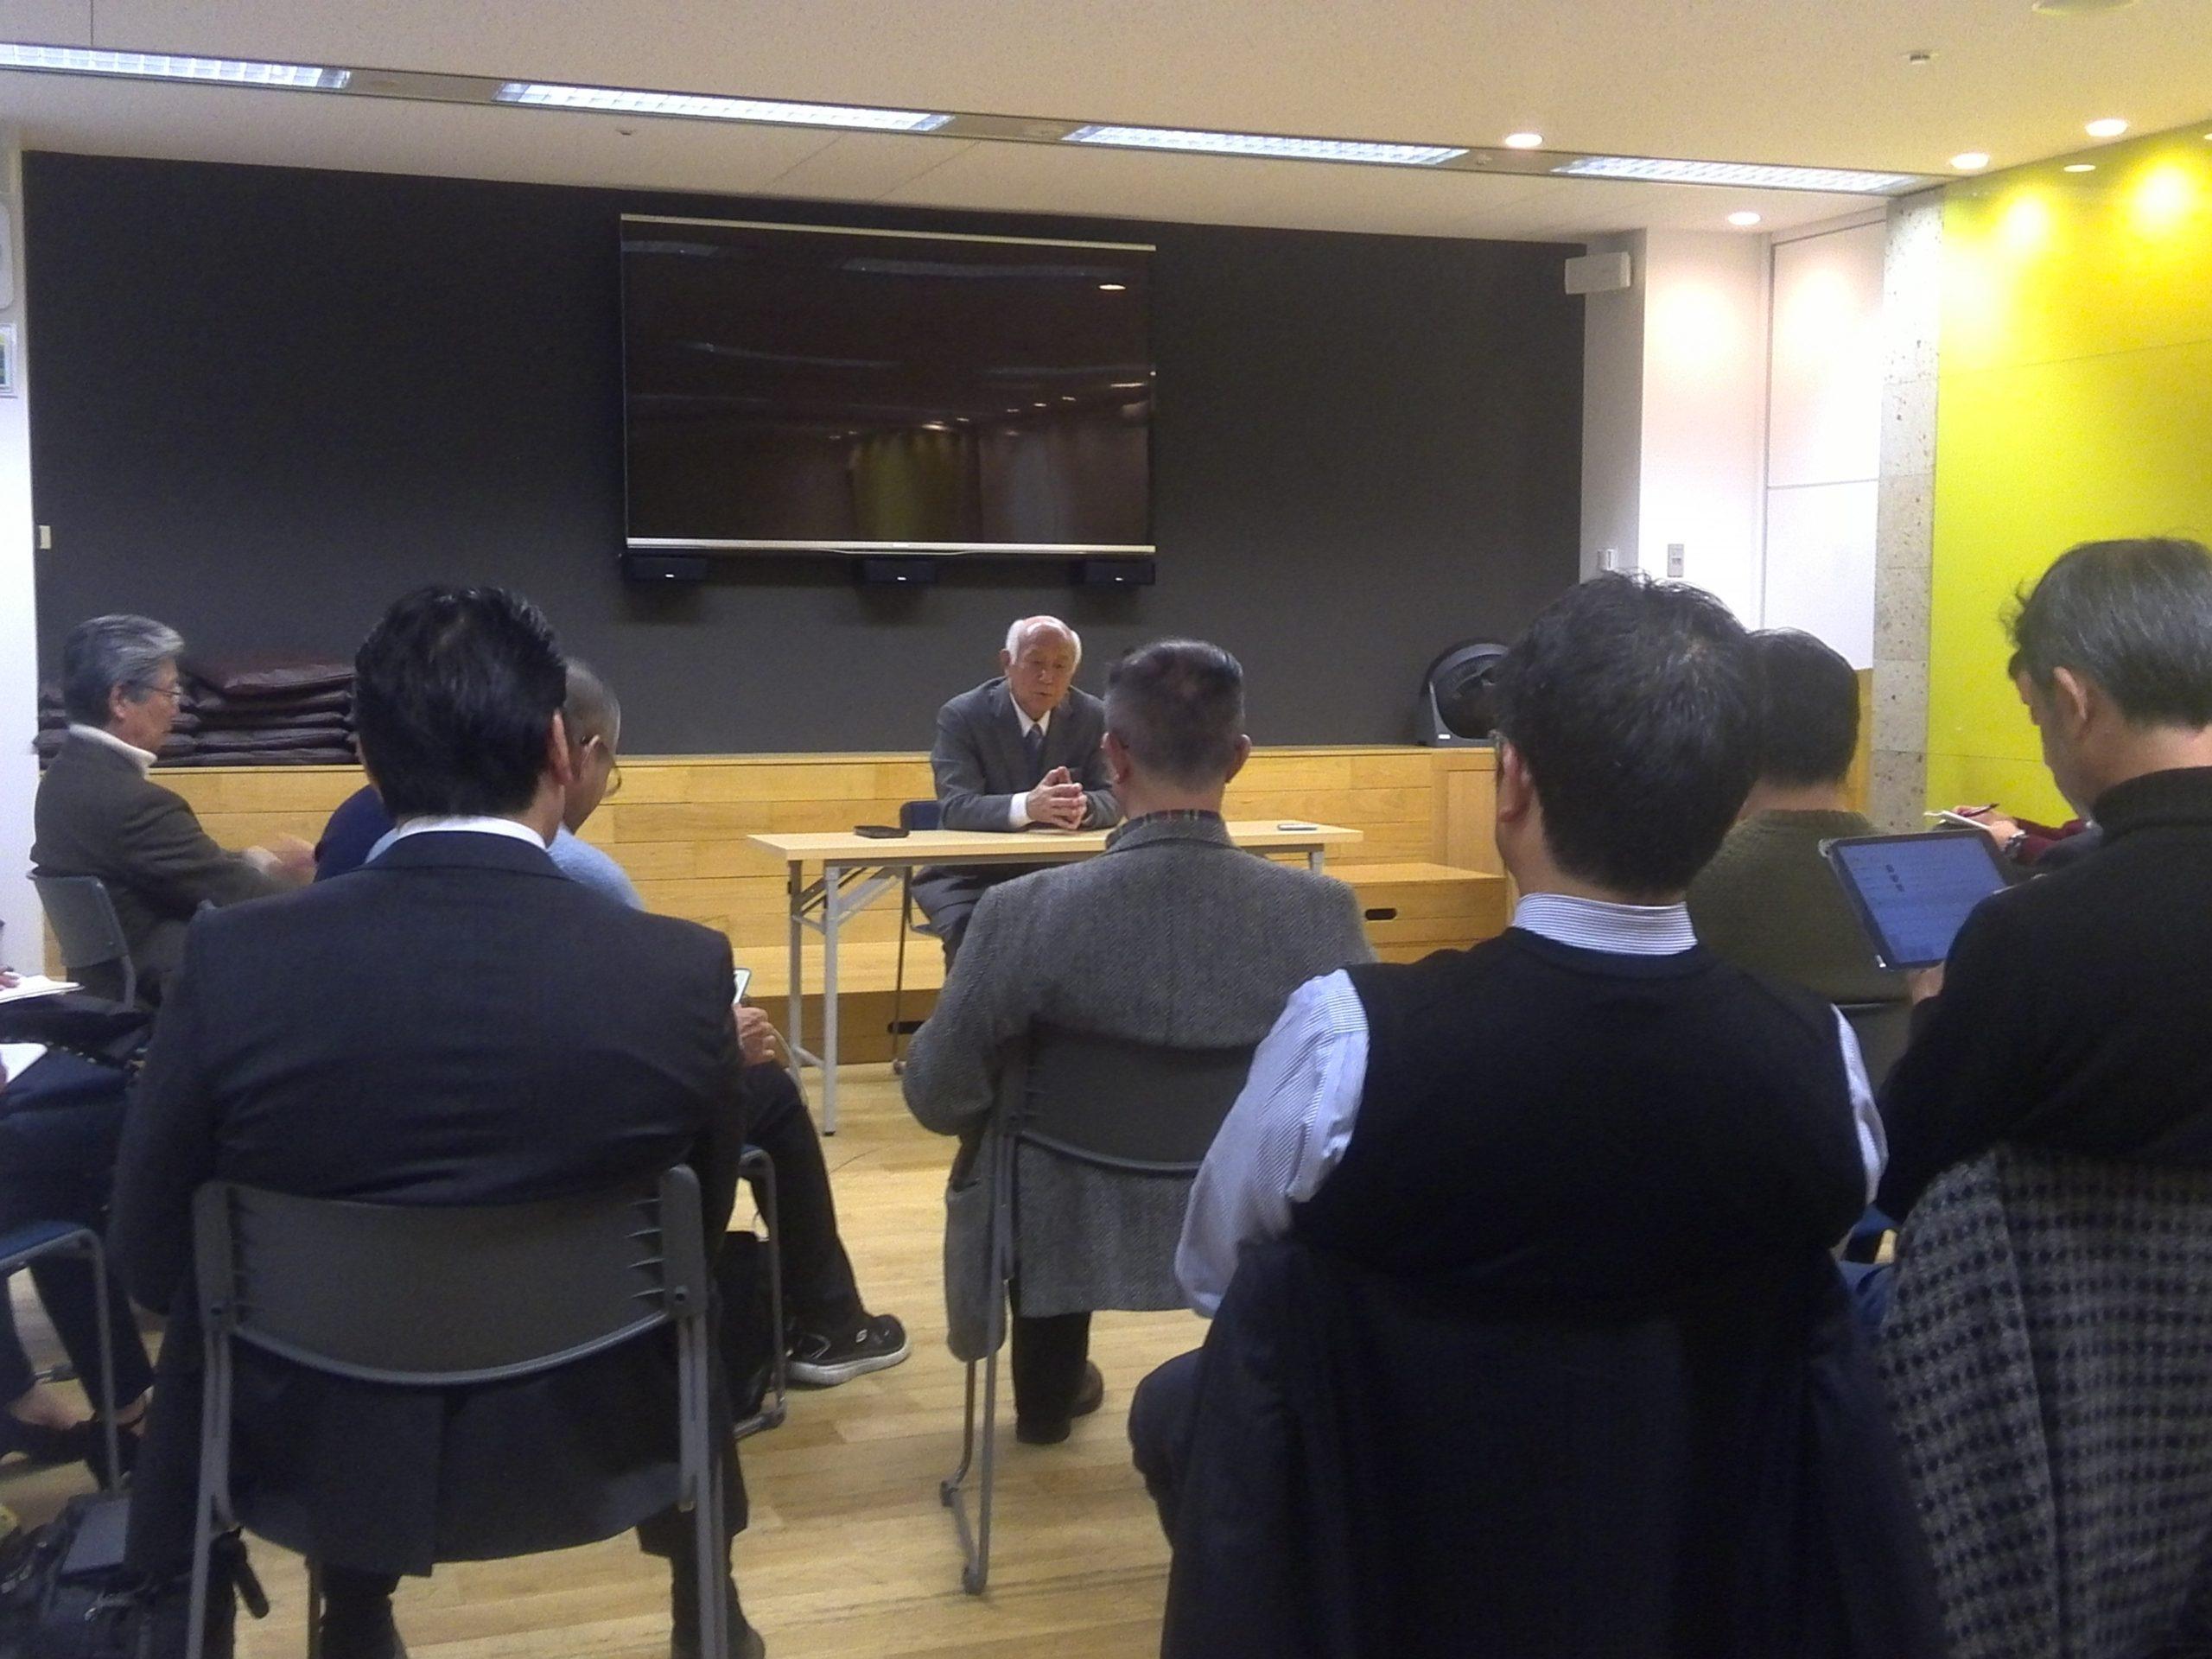 IMG 20110109 113307 scaled - 2019年12月7日(土)第6回東京思風塾「人生の鉄則からの5つの問いとは」をテーマに開催